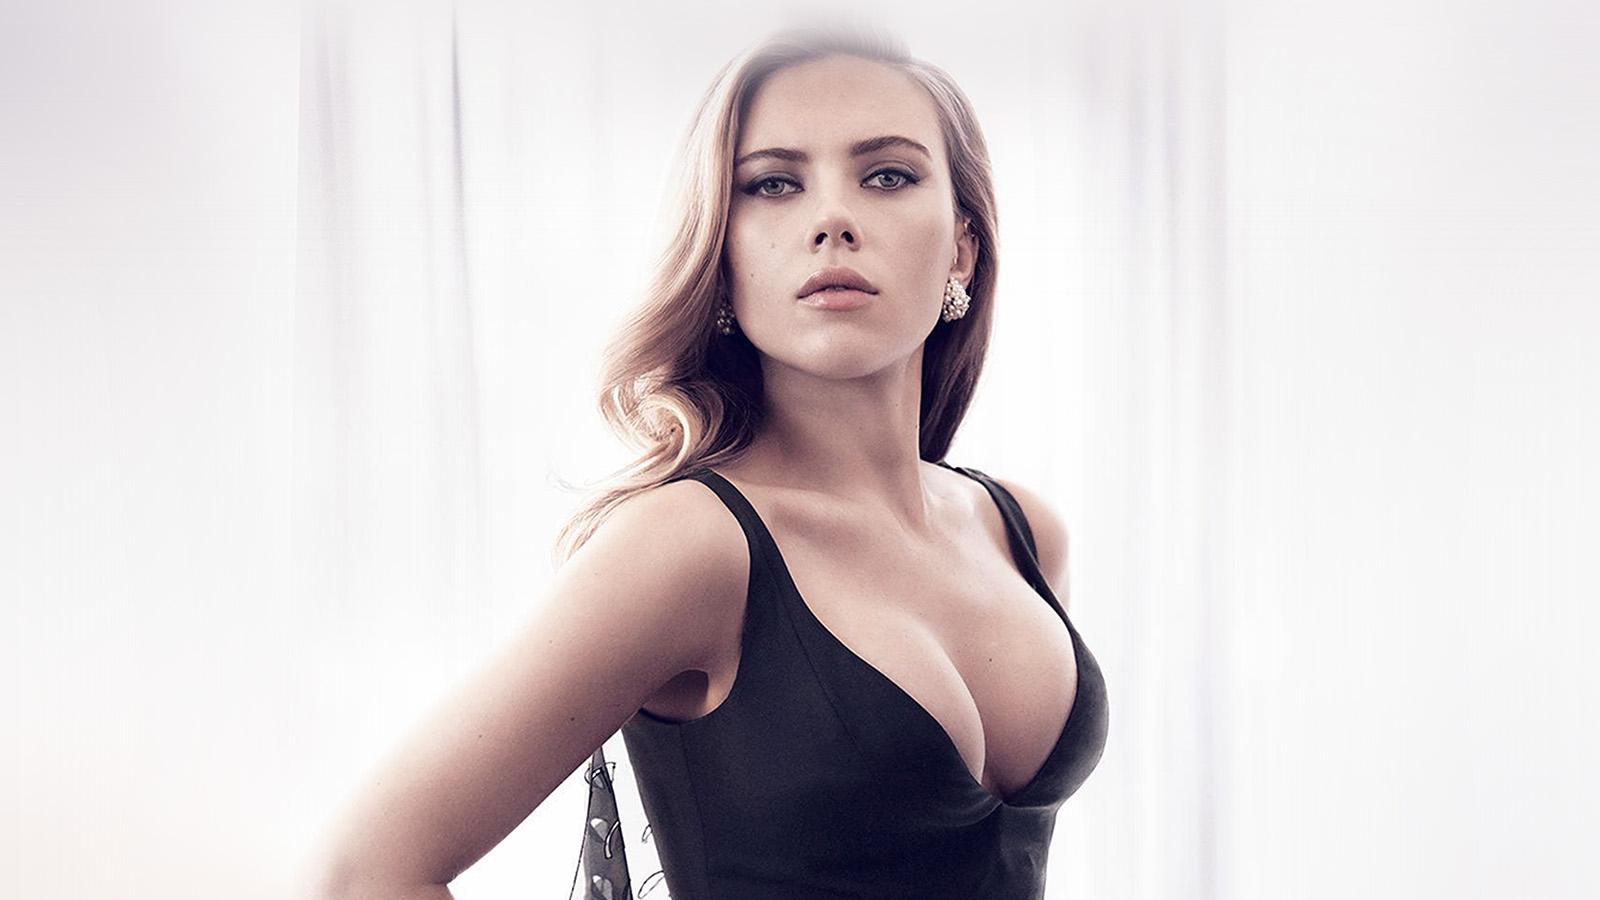 Fall Wallpaper Ipad Ho52 Scarlett Johansson Girl Film Sexy Hero Wallpaper